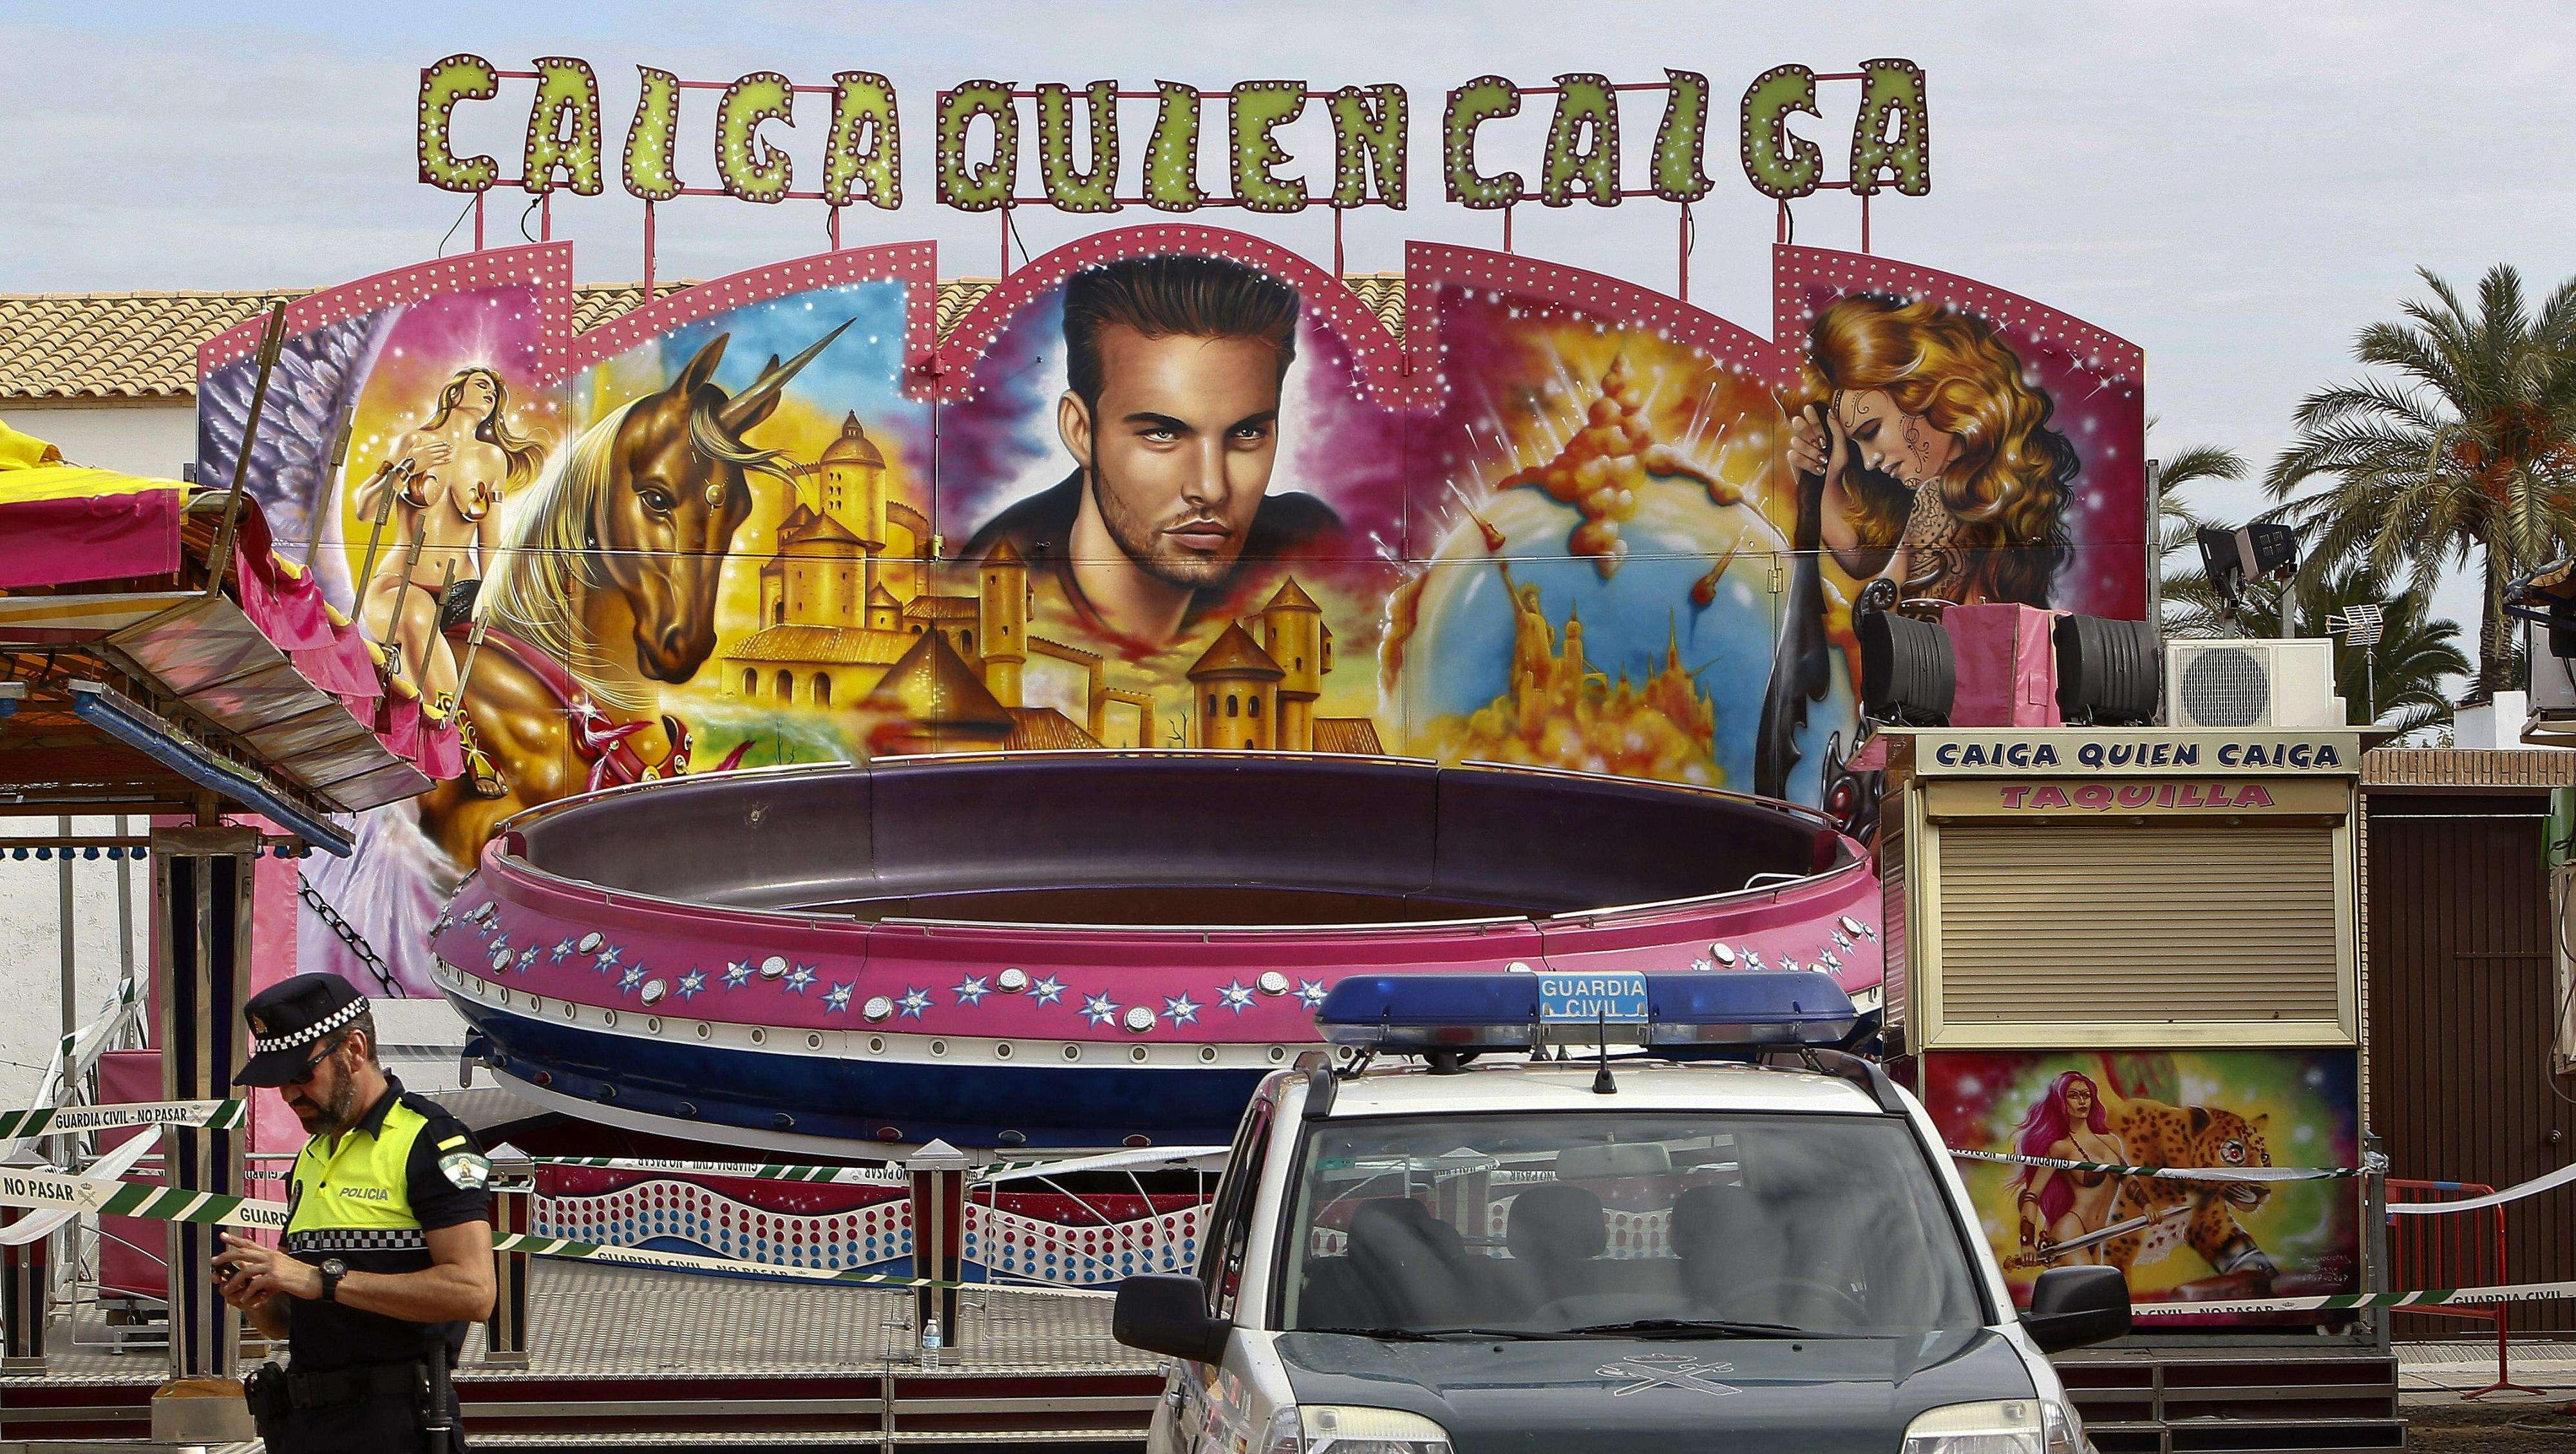 La atracción de la feria de Maribáñez (Sevilla) en la que murió la menor de 12 años, denominada La Olla y que se basa en giros, ha sido precintada para que pueda ser analizada a la luz del día. Foto: EFE